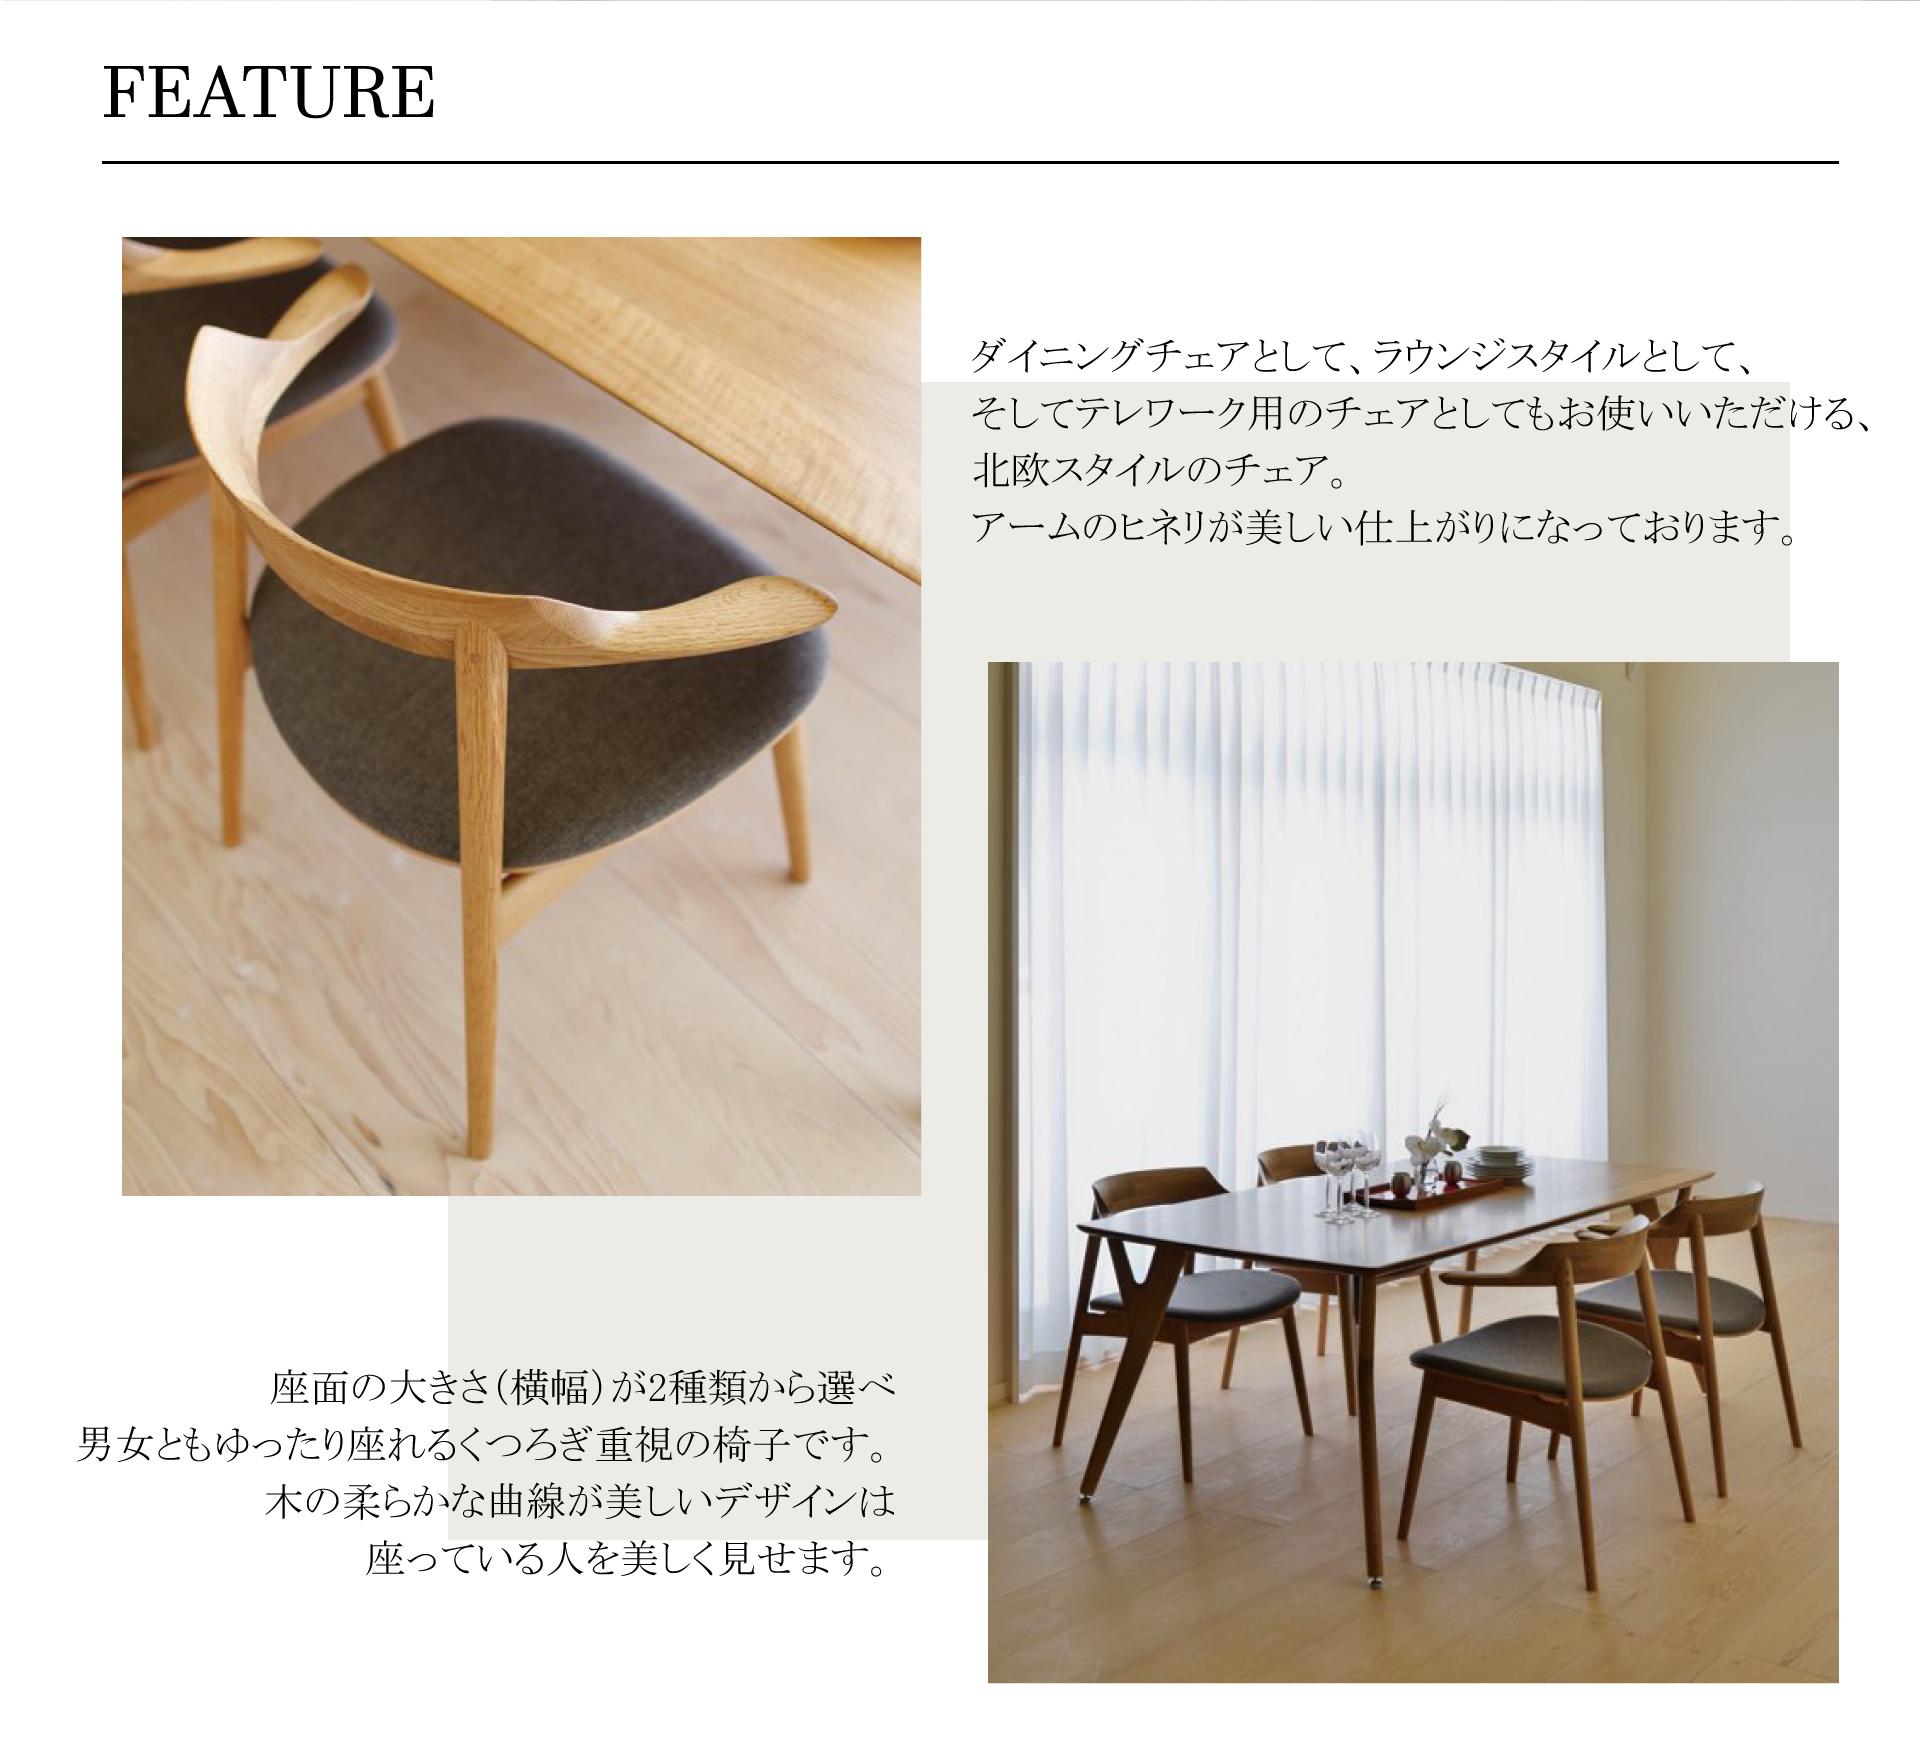 IECHAIR(IEチェア)マリリンFEATURE特徴ダイニングチェアとして、ラウンジスタイルとして、そしてテレワーク用のチェアとしてもお使いいただける、北欧スタイルのチェア。アームのヒネリが美しい仕上がりになっております。座面の大きさ(横幅)が2種類から選べ 男女ともゆったり座れるくつろぎ重視の椅子です。木の柔らかな曲線が美しいデザインは座っている人を美しく見せます。